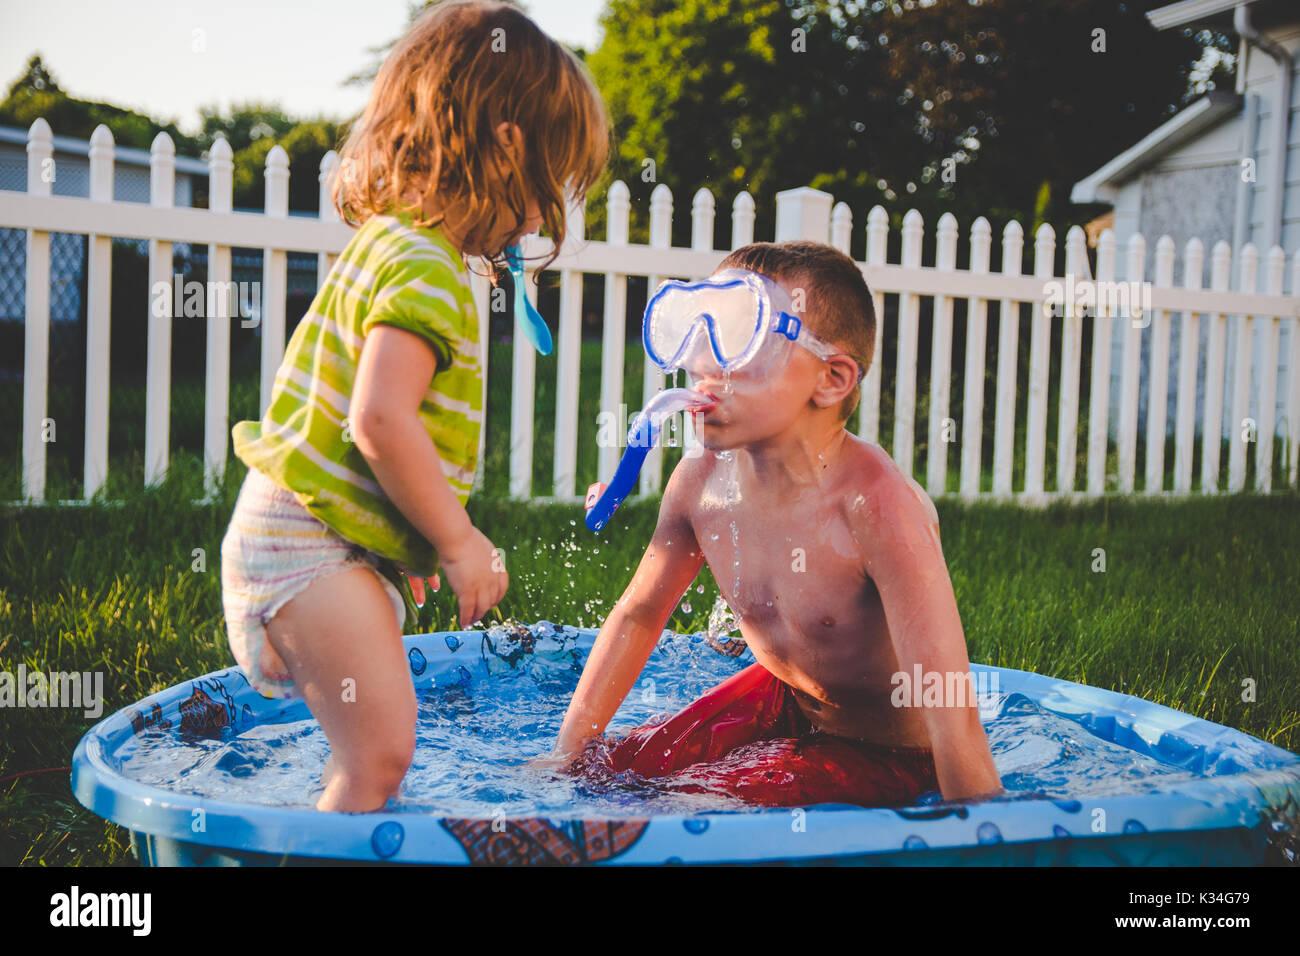 Ein junger Mann, ein Scuba Mask schaut auf ein kleines Mädchen in einem Kinder Pool Stockbild